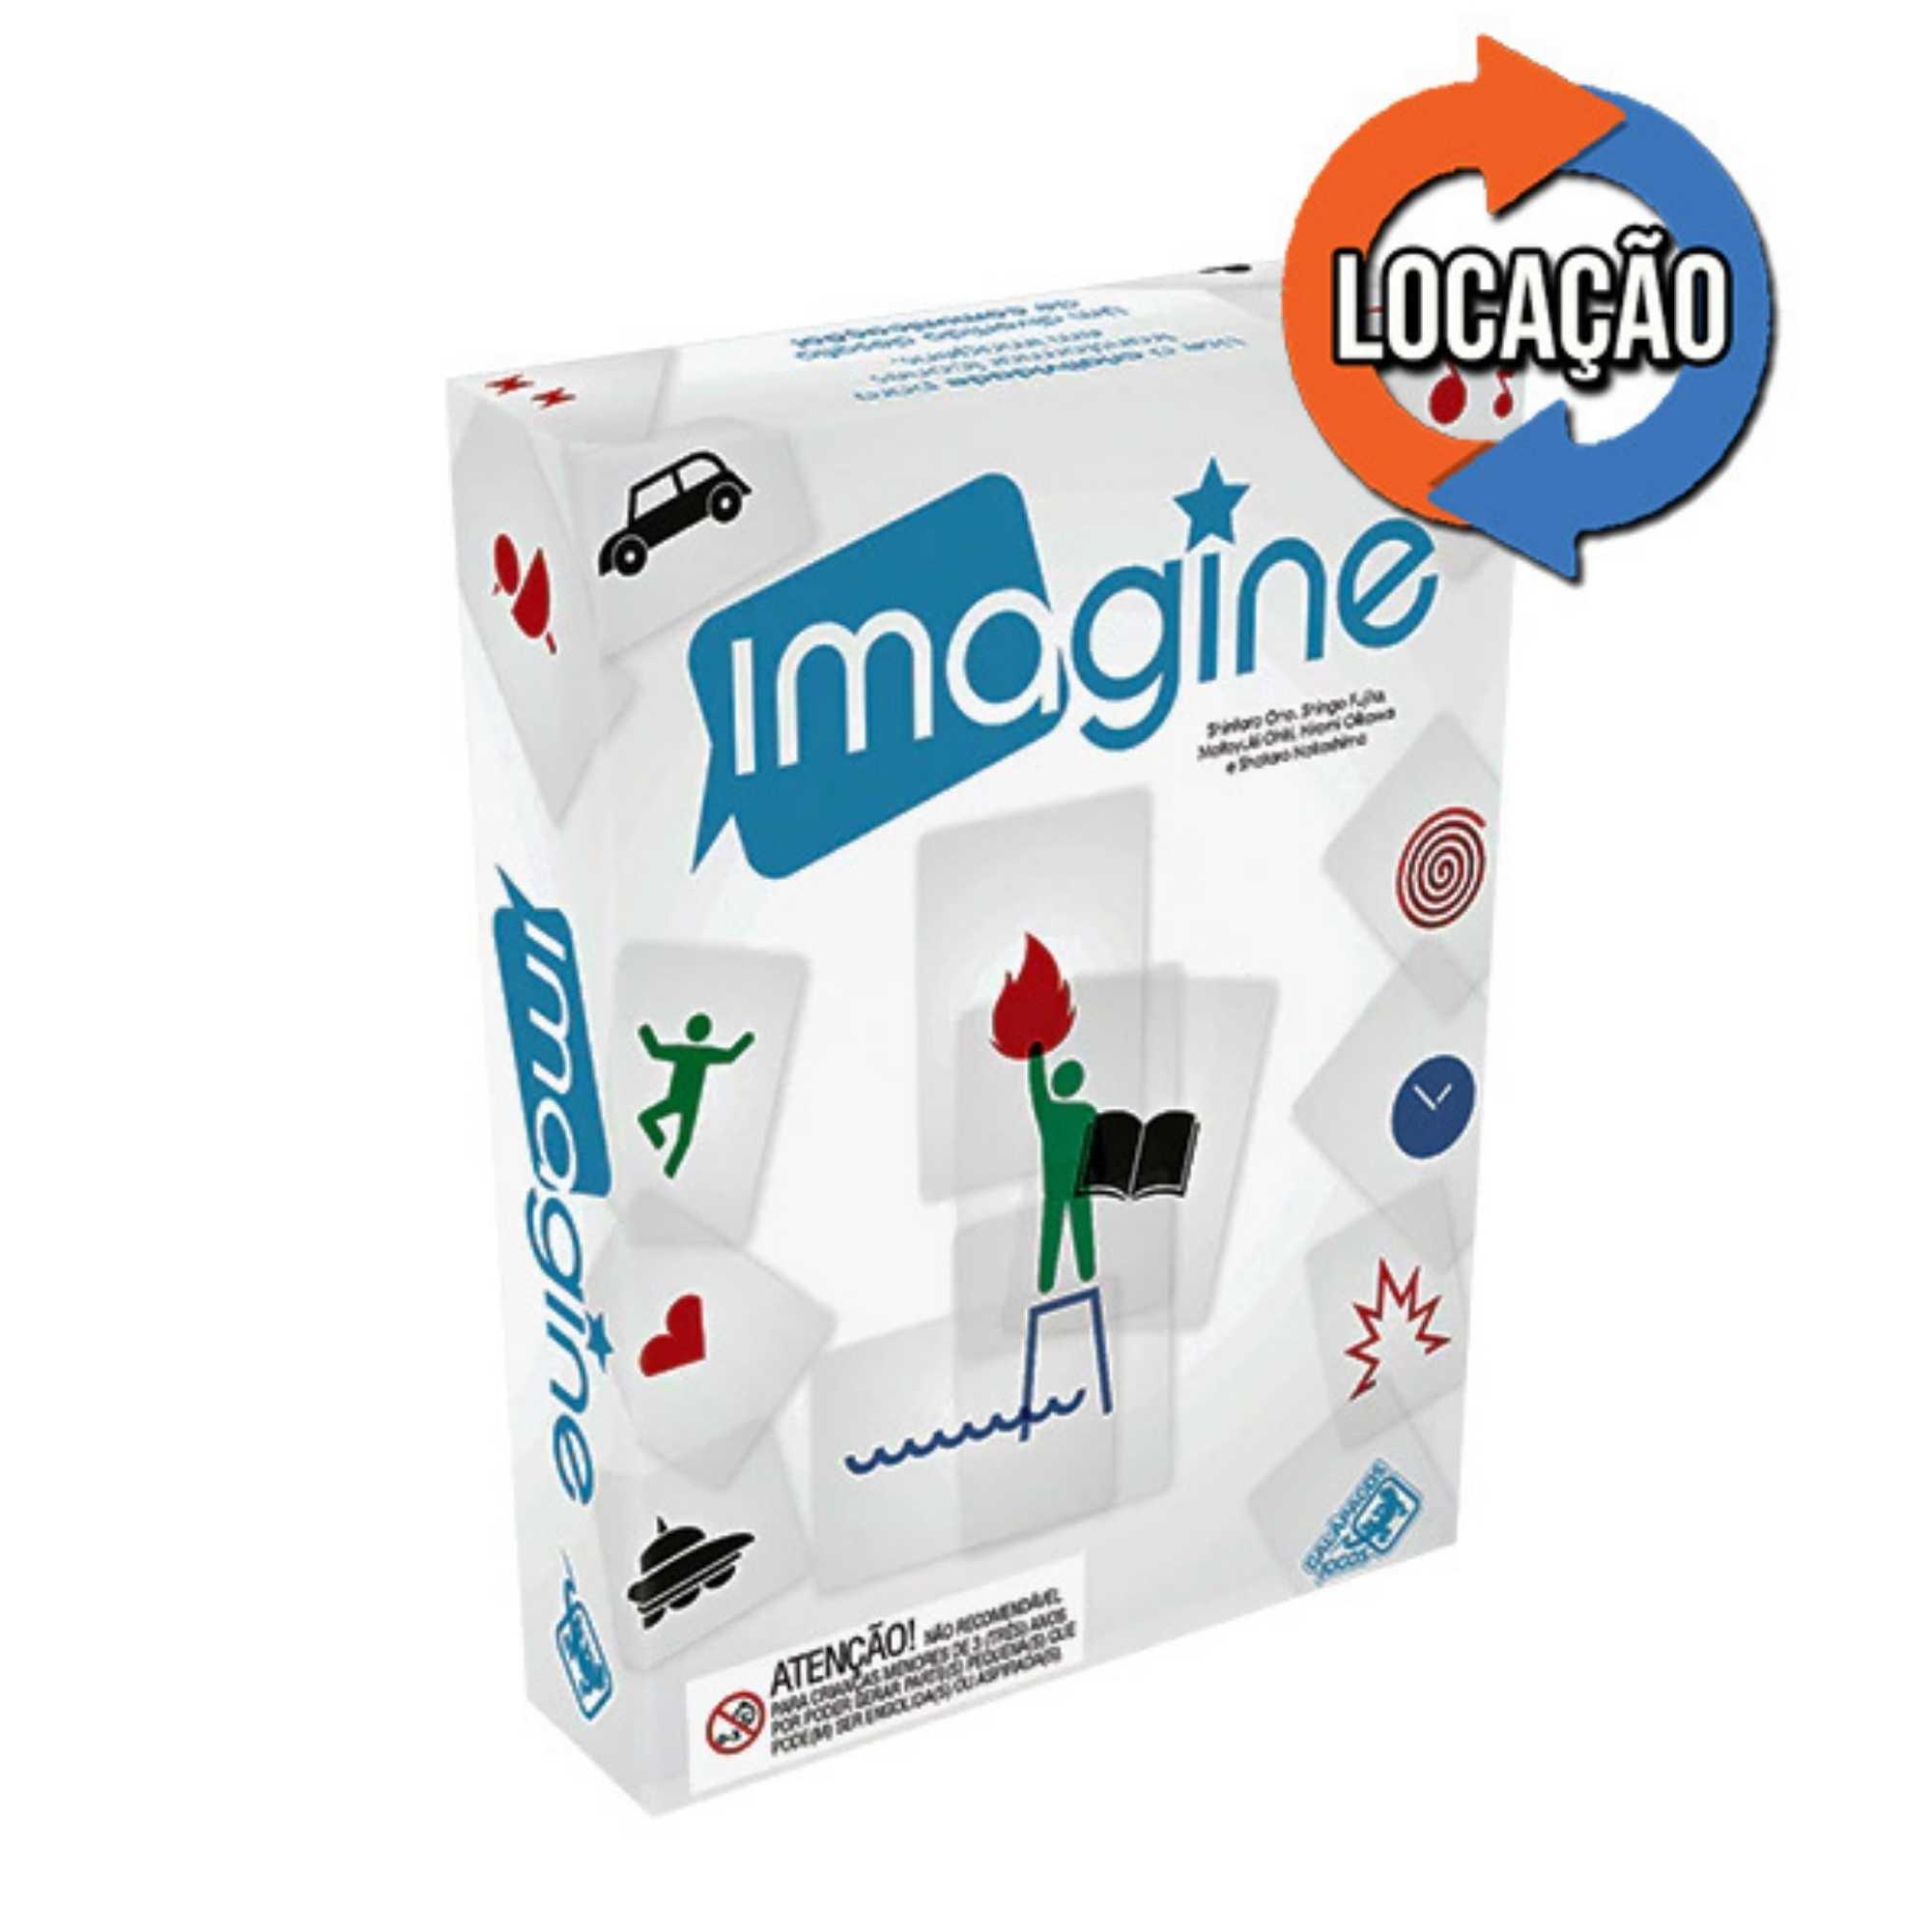 Imagine (Locação)